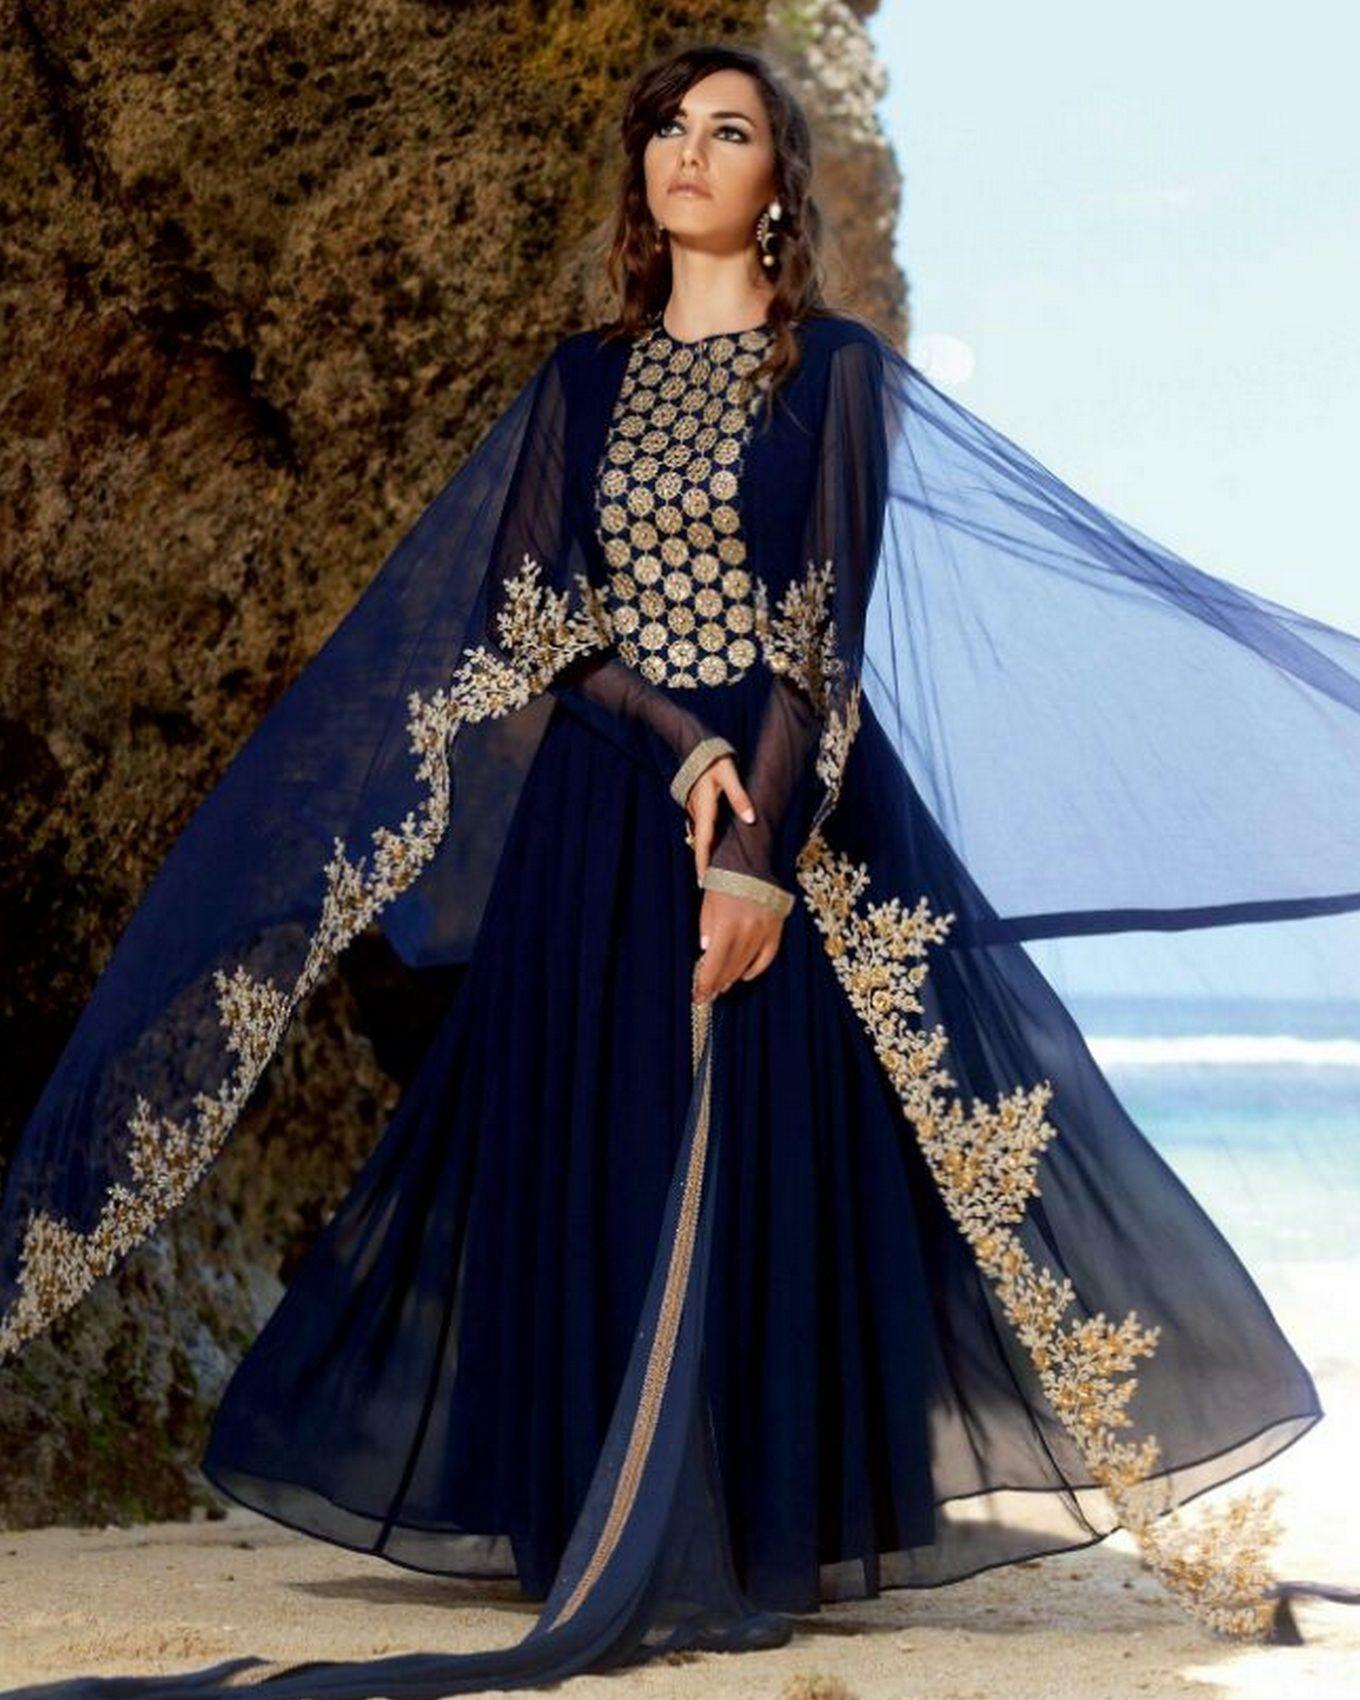 robe bleu marine d 39 t indo western suits en soie tenue de mariage avec broderie dor et ch le. Black Bedroom Furniture Sets. Home Design Ideas